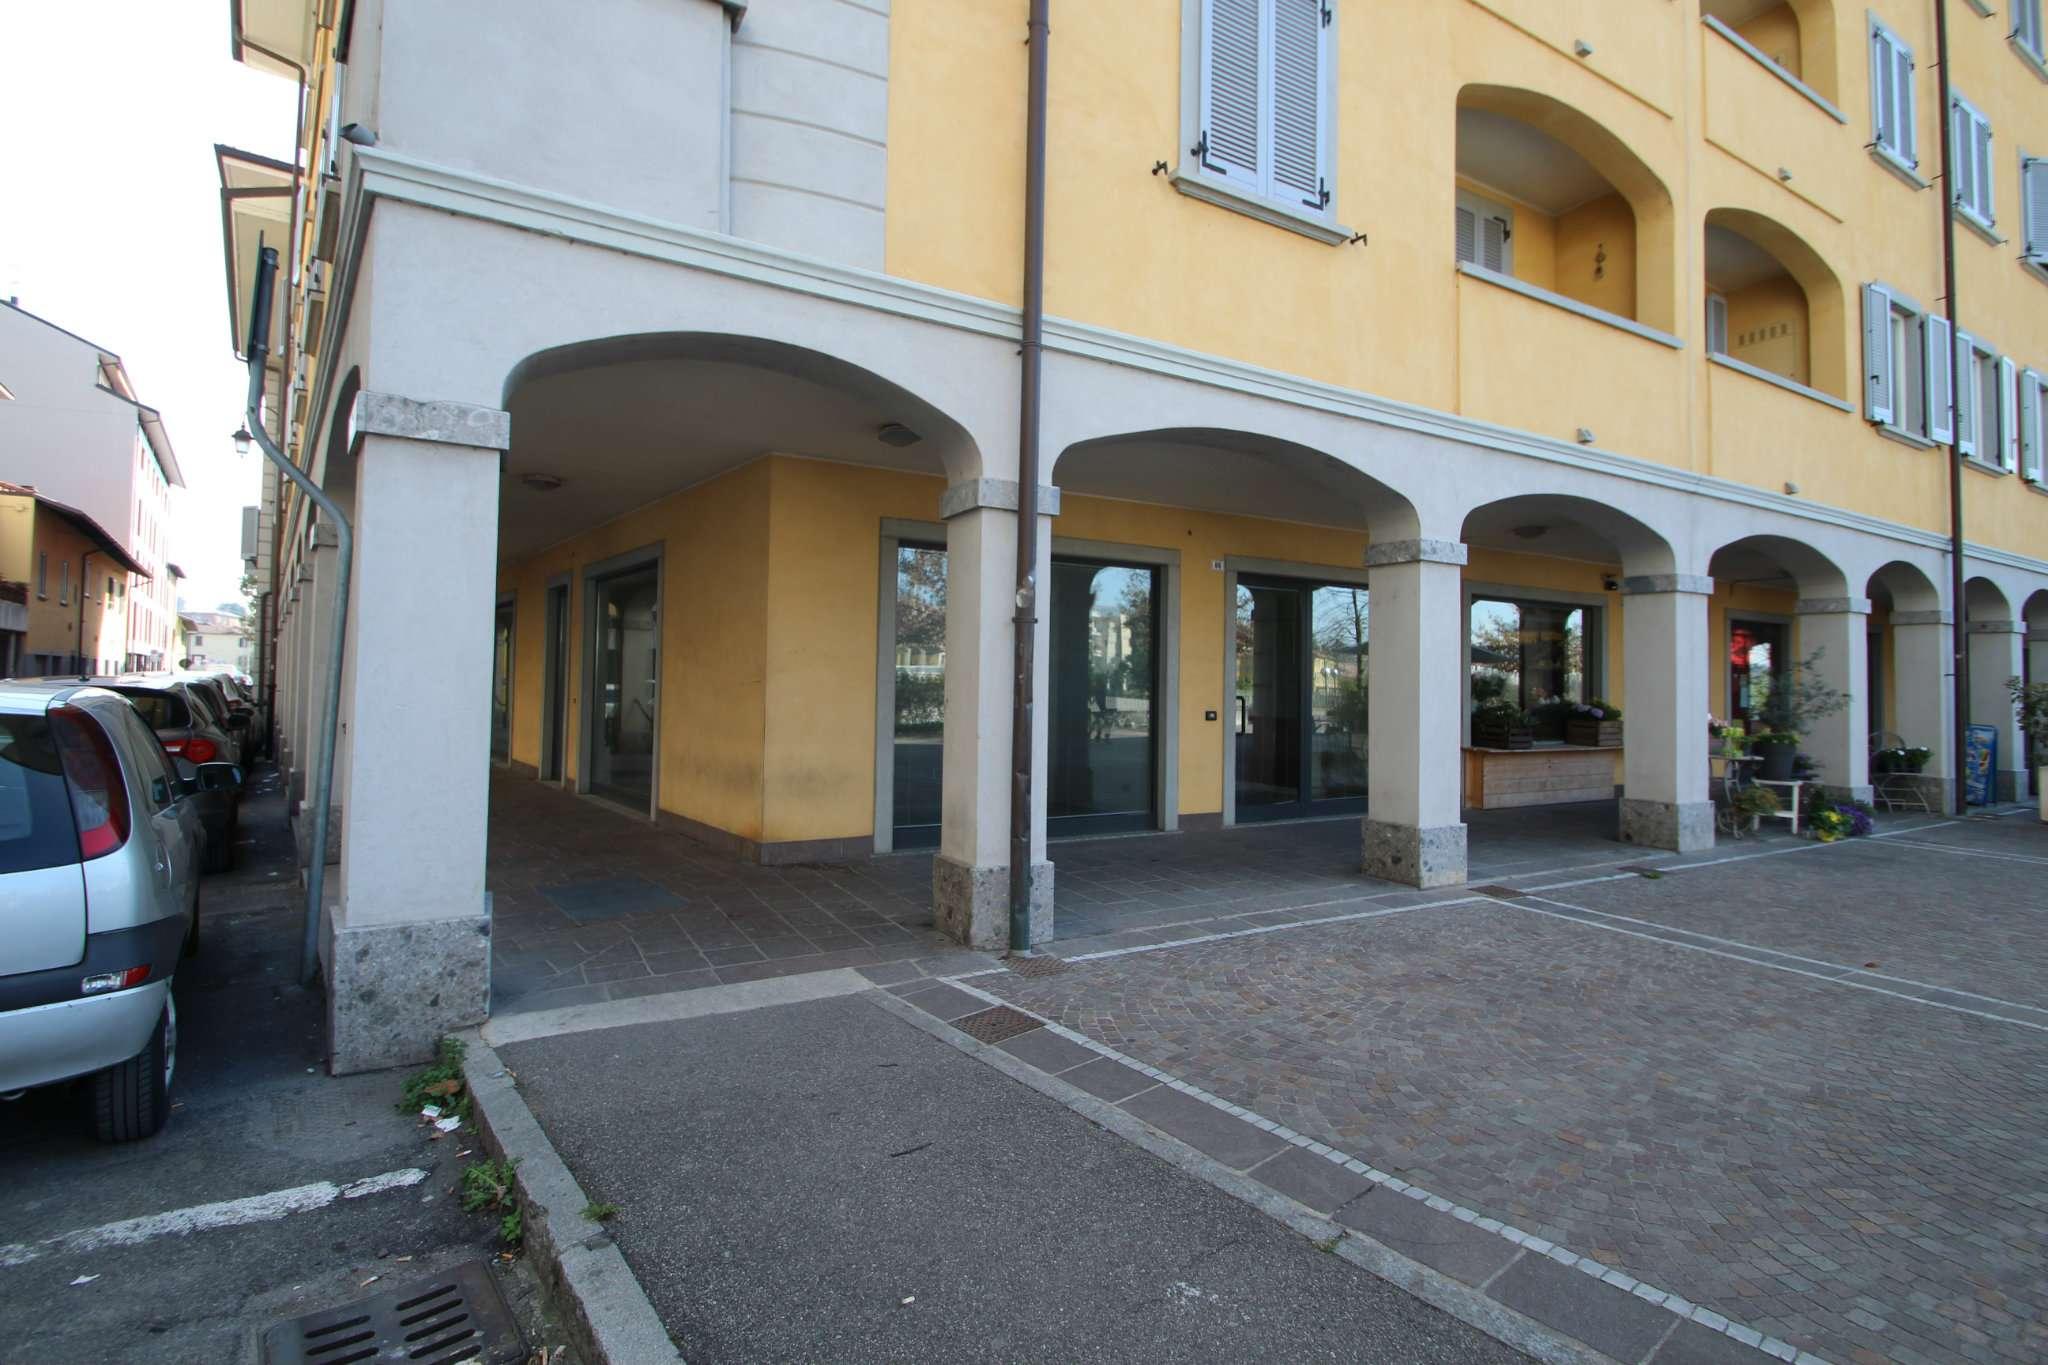 Negozio / Locale in vendita a Ponte San Pietro, 3 locali, prezzo € 159.000 | CambioCasa.it